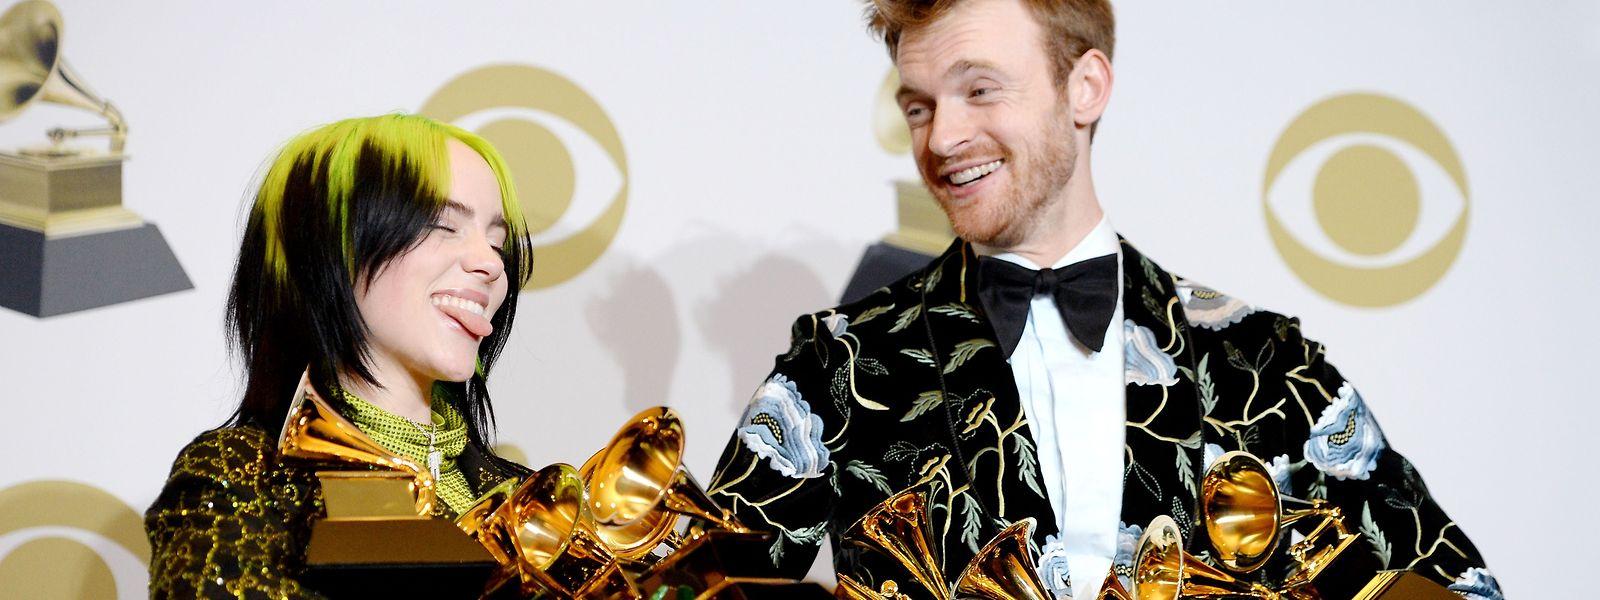 Billie Eilish, la grande gagnante des Grammy Awards au côté de son frère Finneas O'Connell, lui aussi récompensé lors de cette soirée.